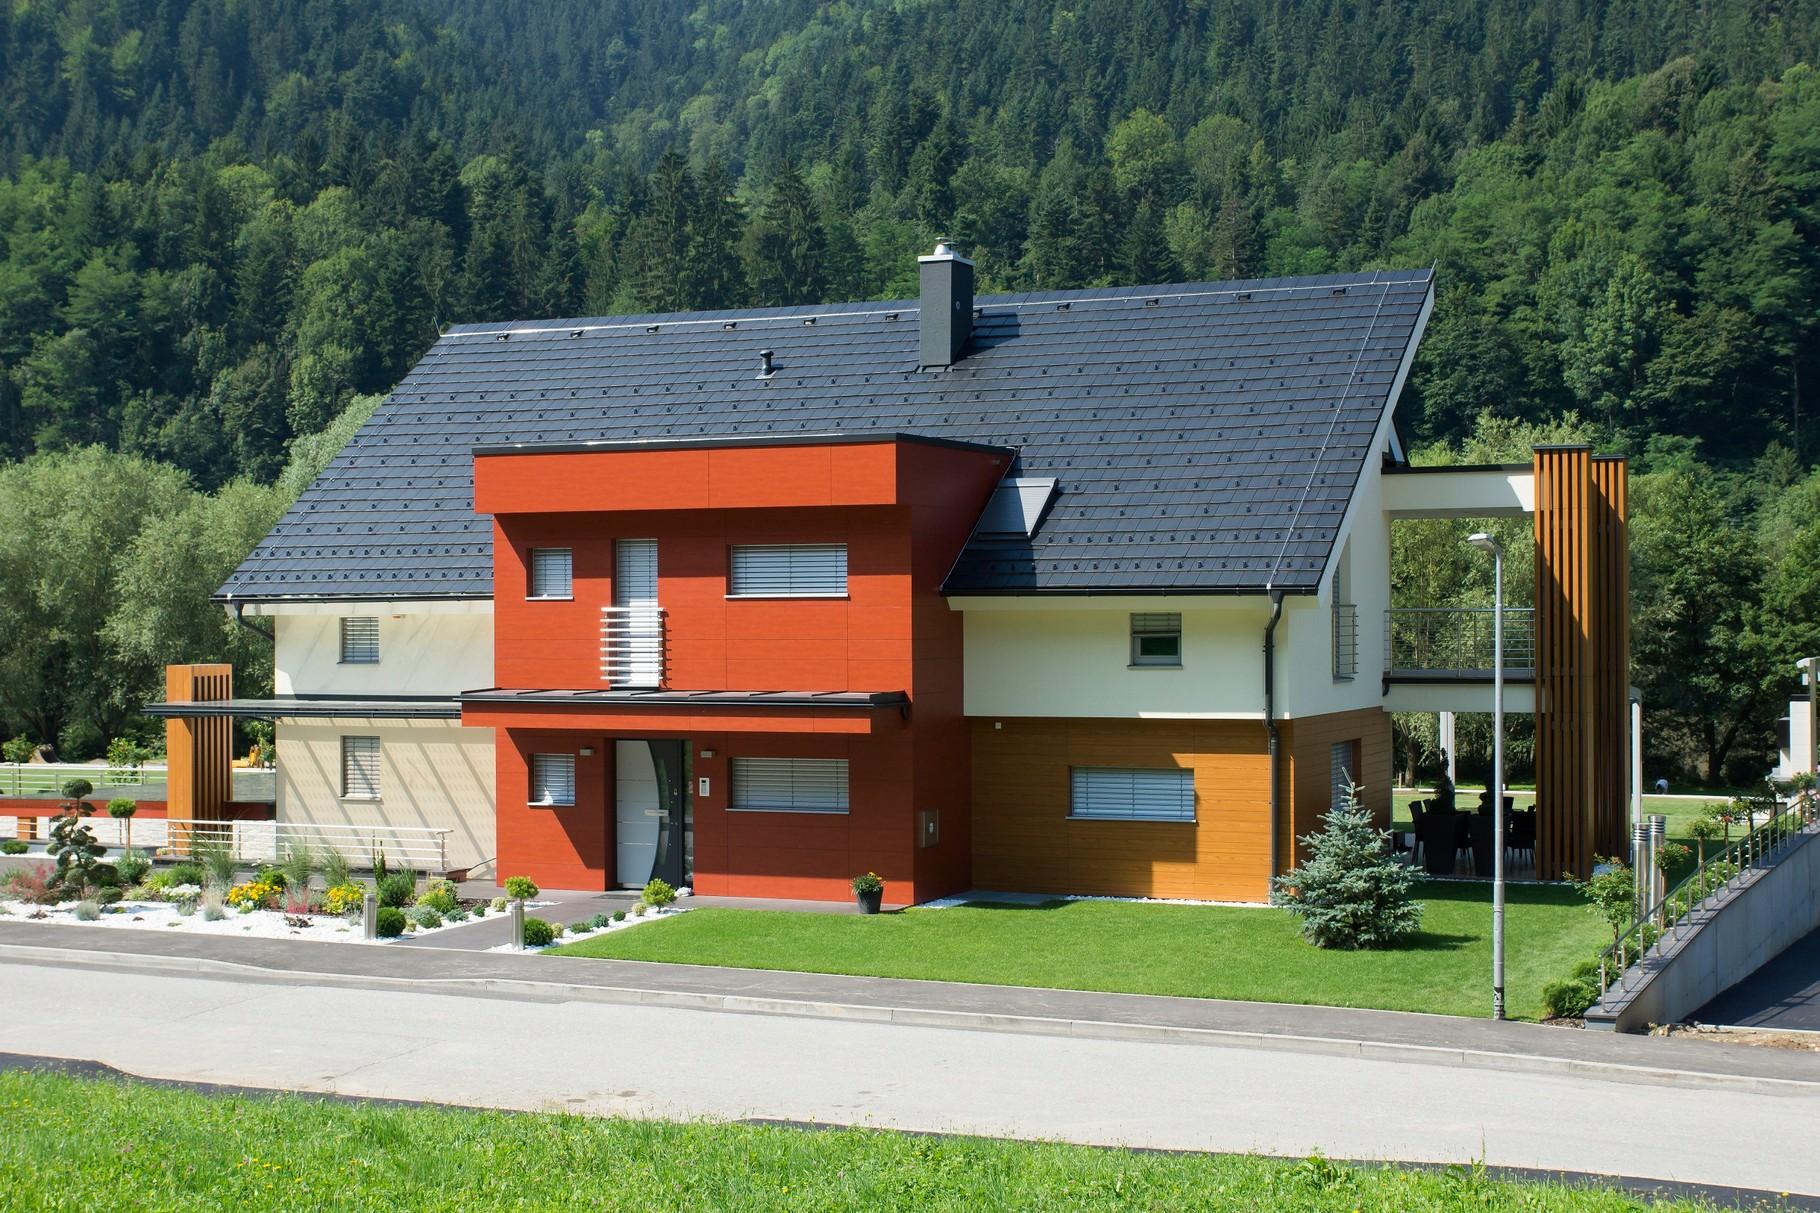 Villas en ossature bois diagonal swiss for Villa ossature bois